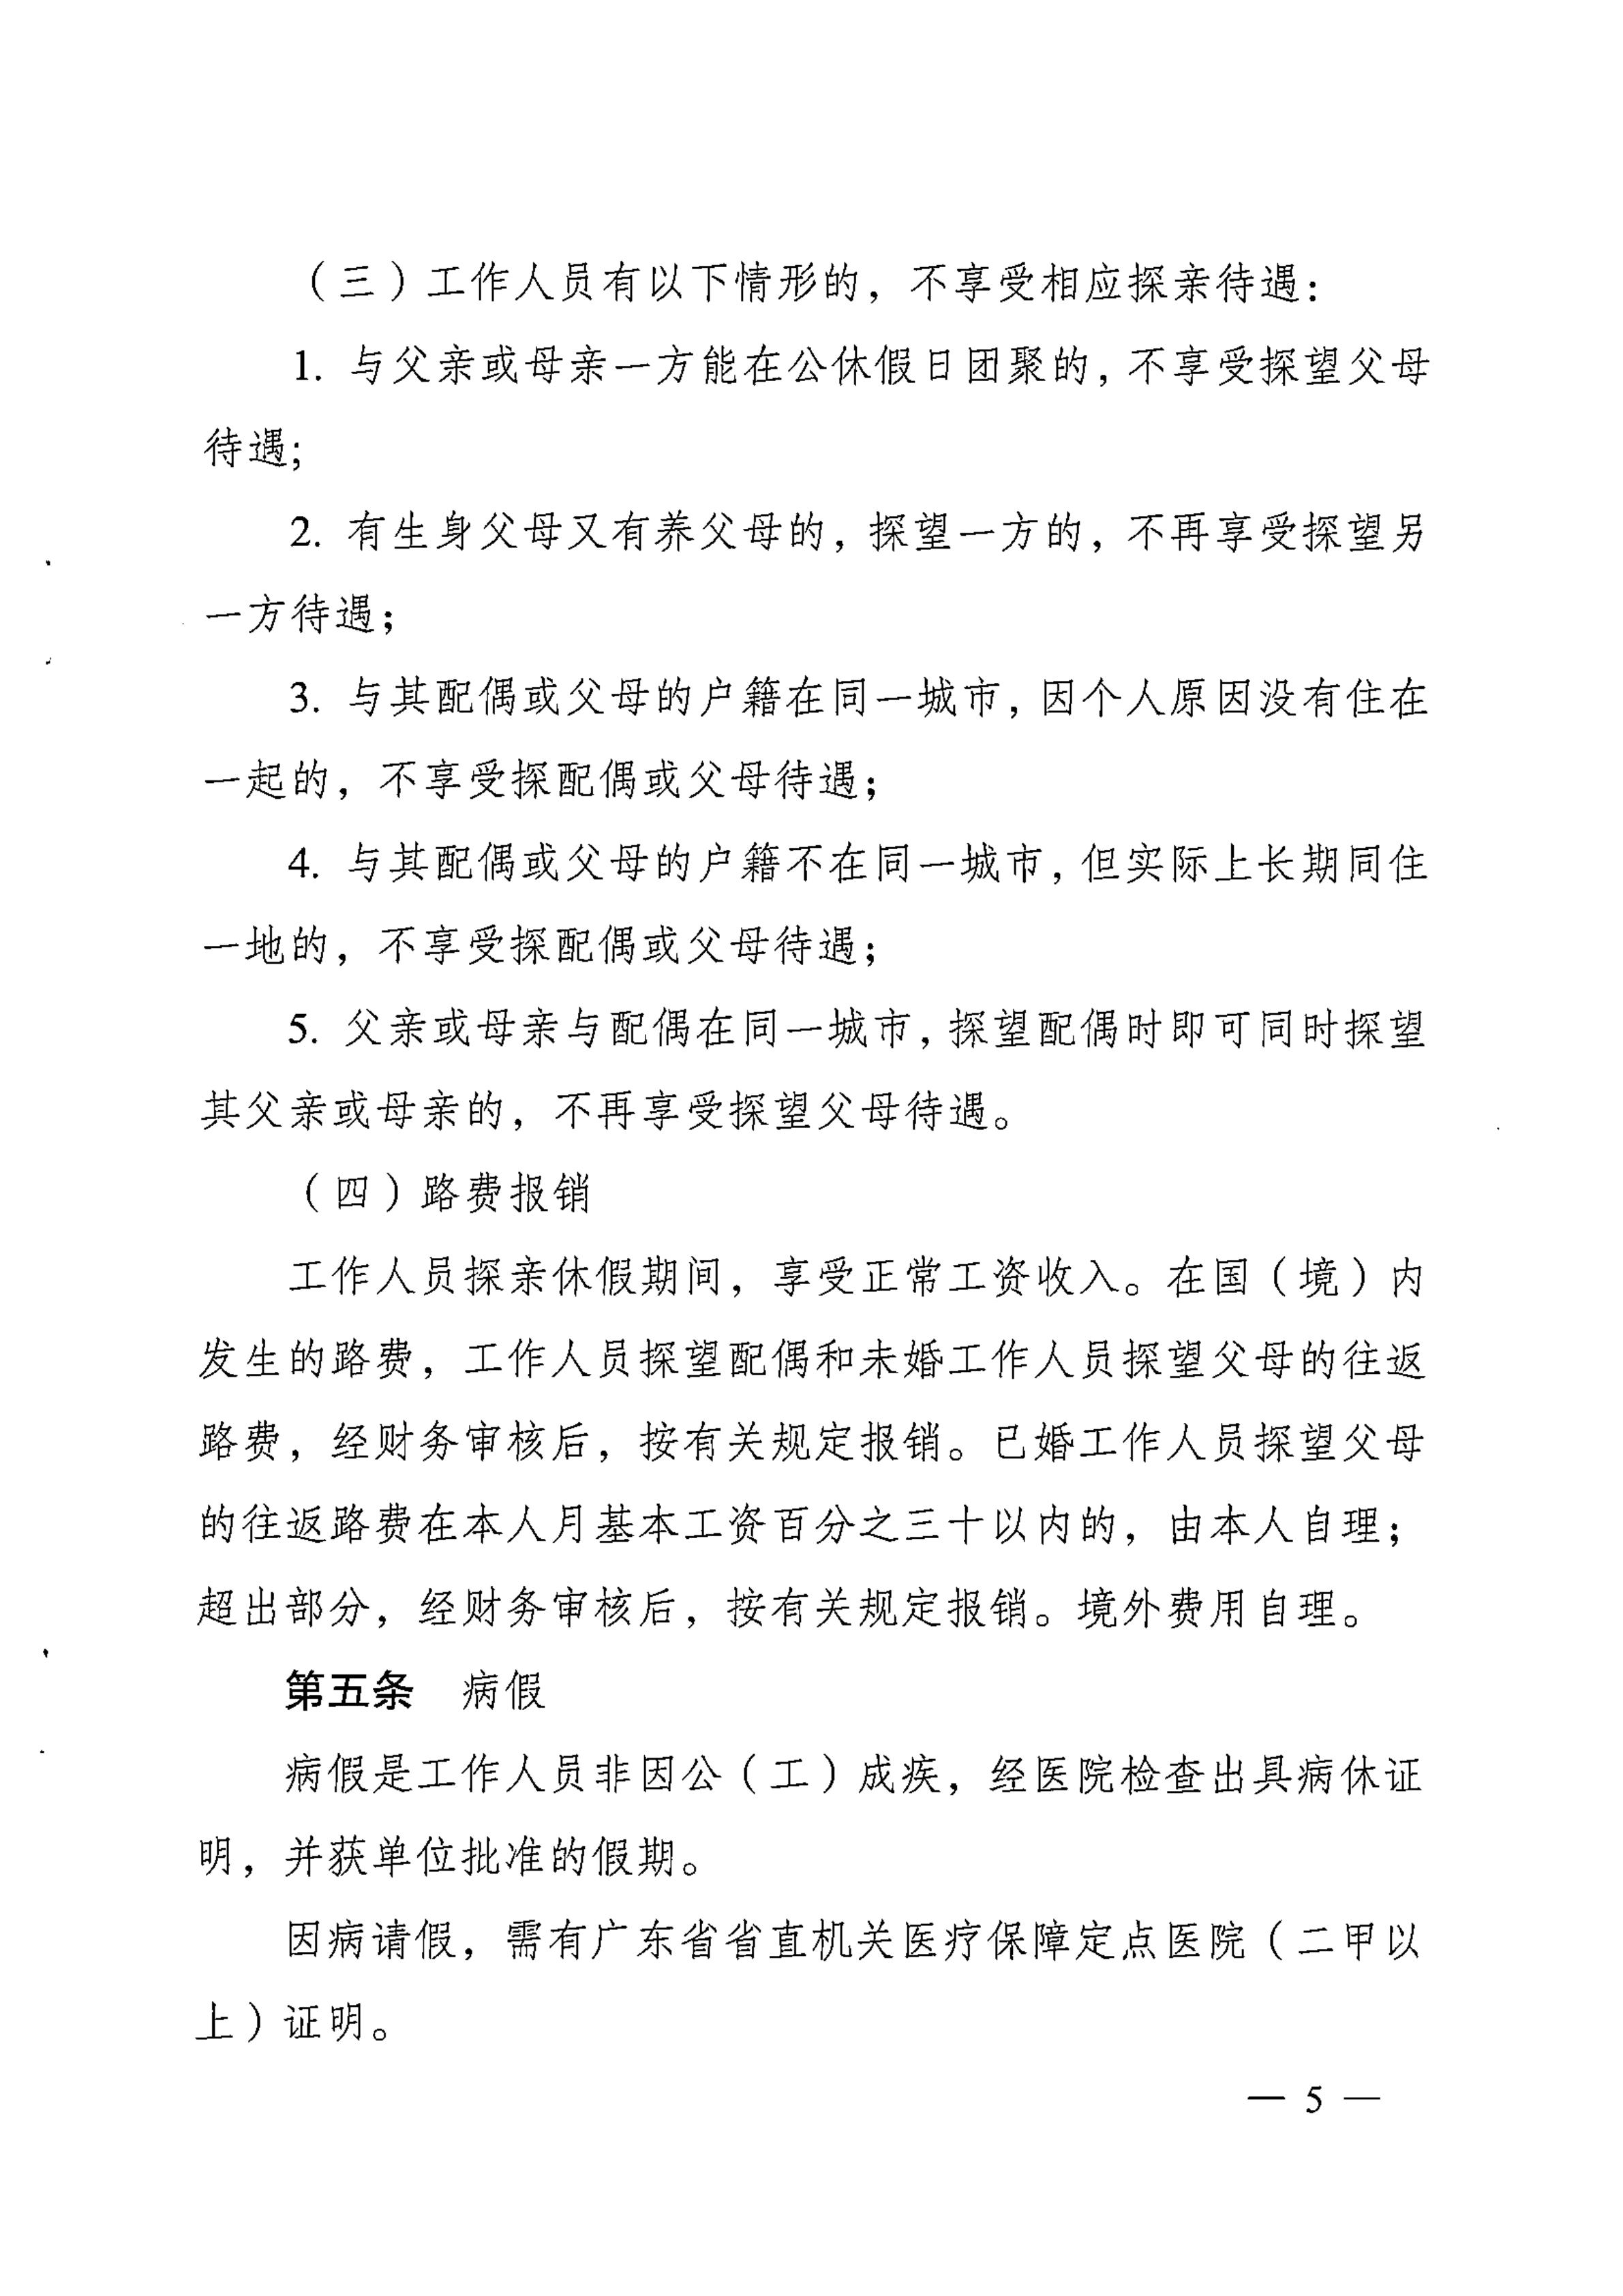 关于印发《广东省人民政府发展研究中心工作人员休假管理办法》的通知_04.jpg